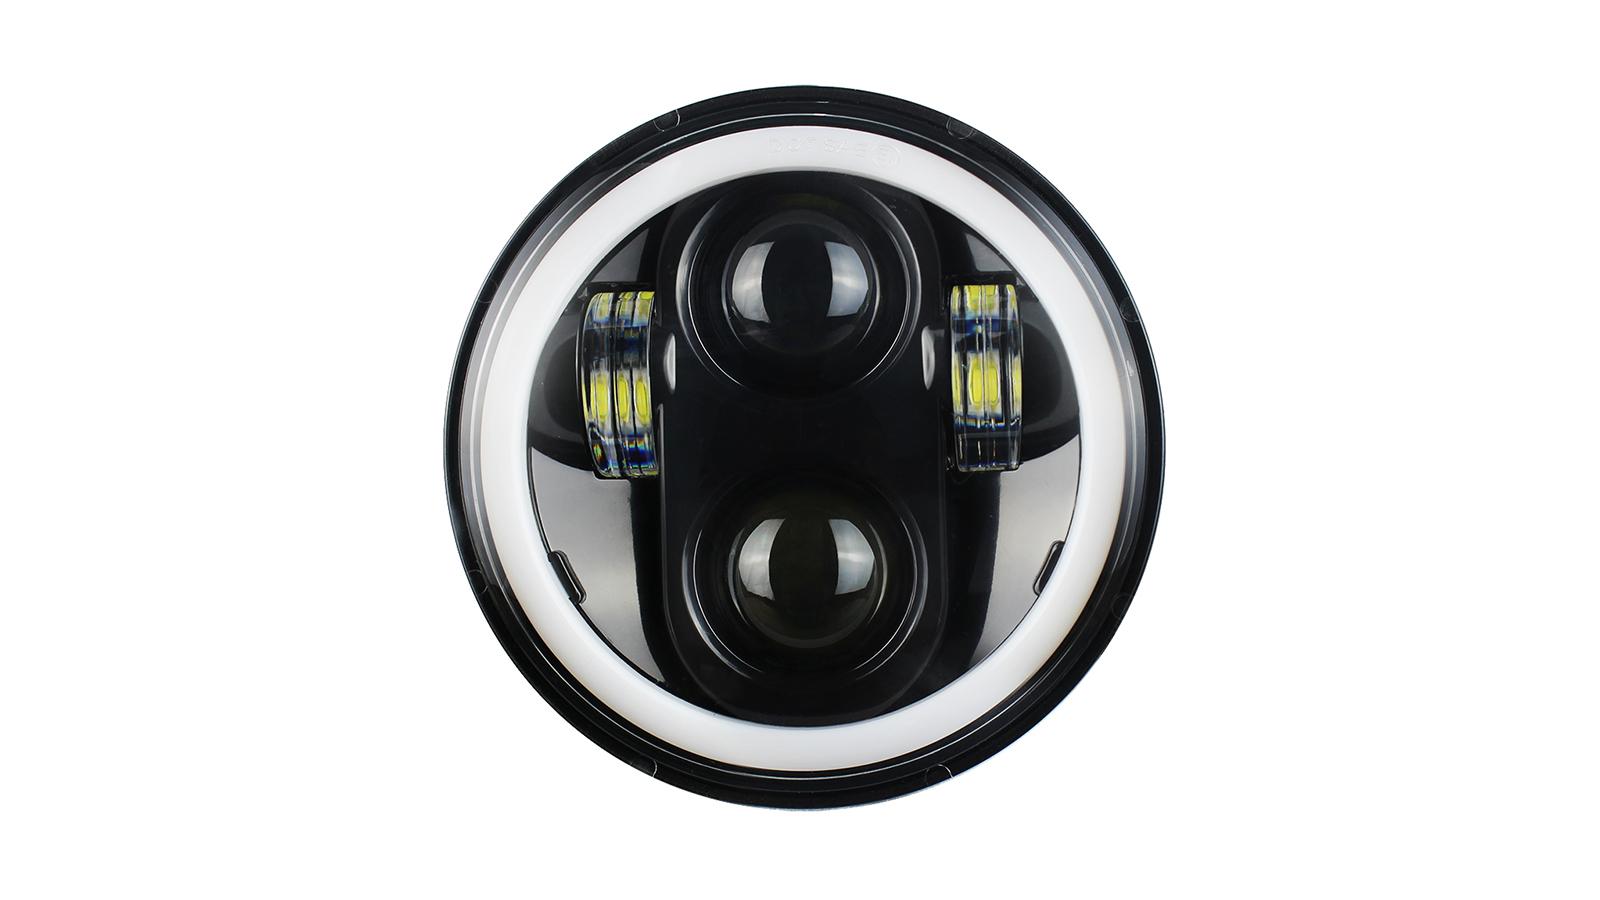 ارتفاع الأسعار شراء أسود 5.75 5 3/4 الصمام العلوي العارض هالة بيضاء ل dyna سبورتستر دراجة نارية